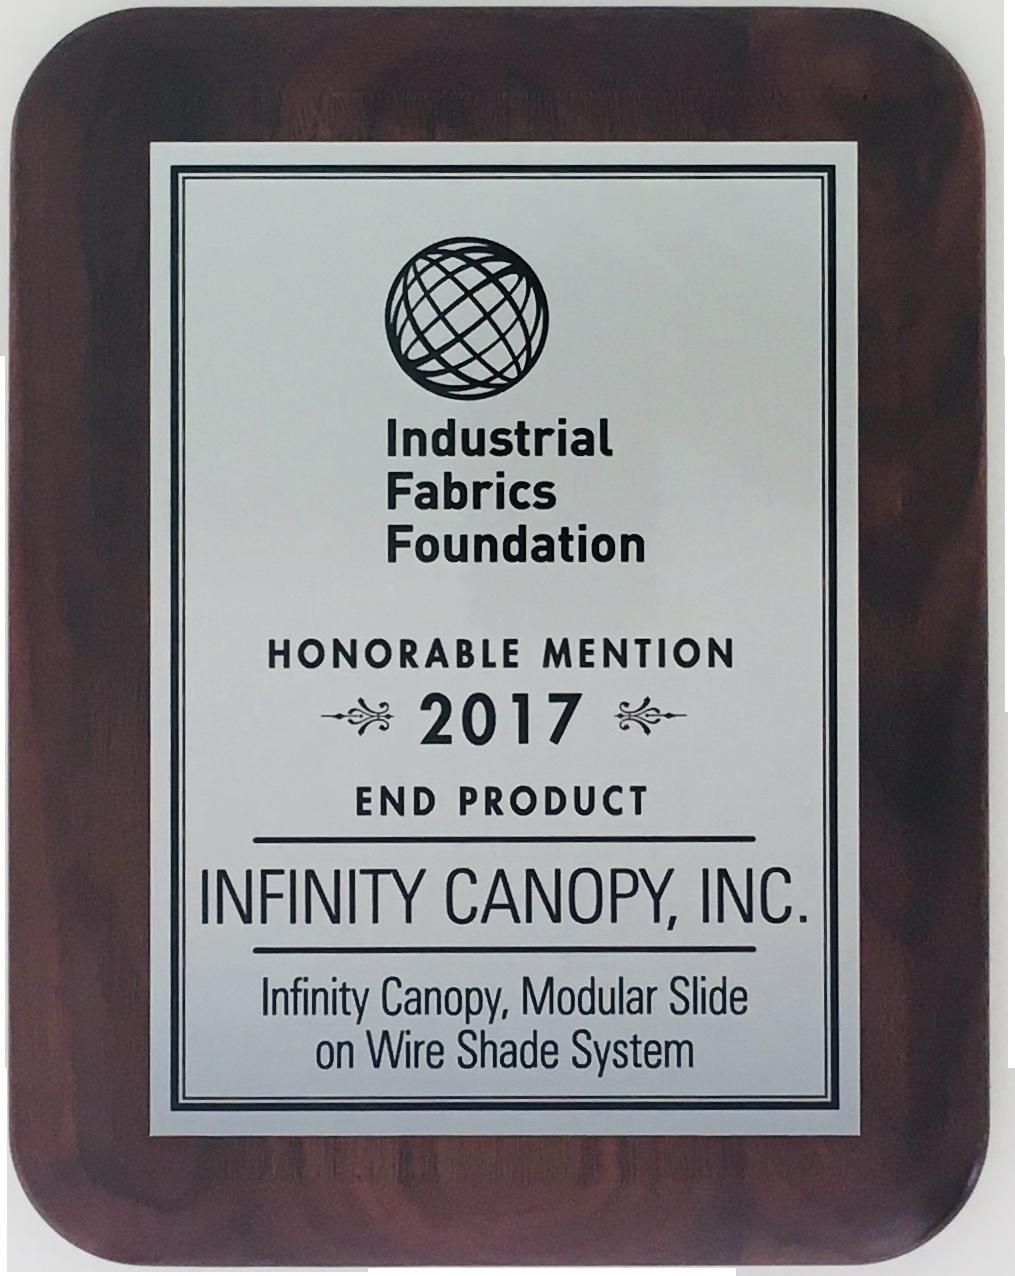 IFF Innovation Award